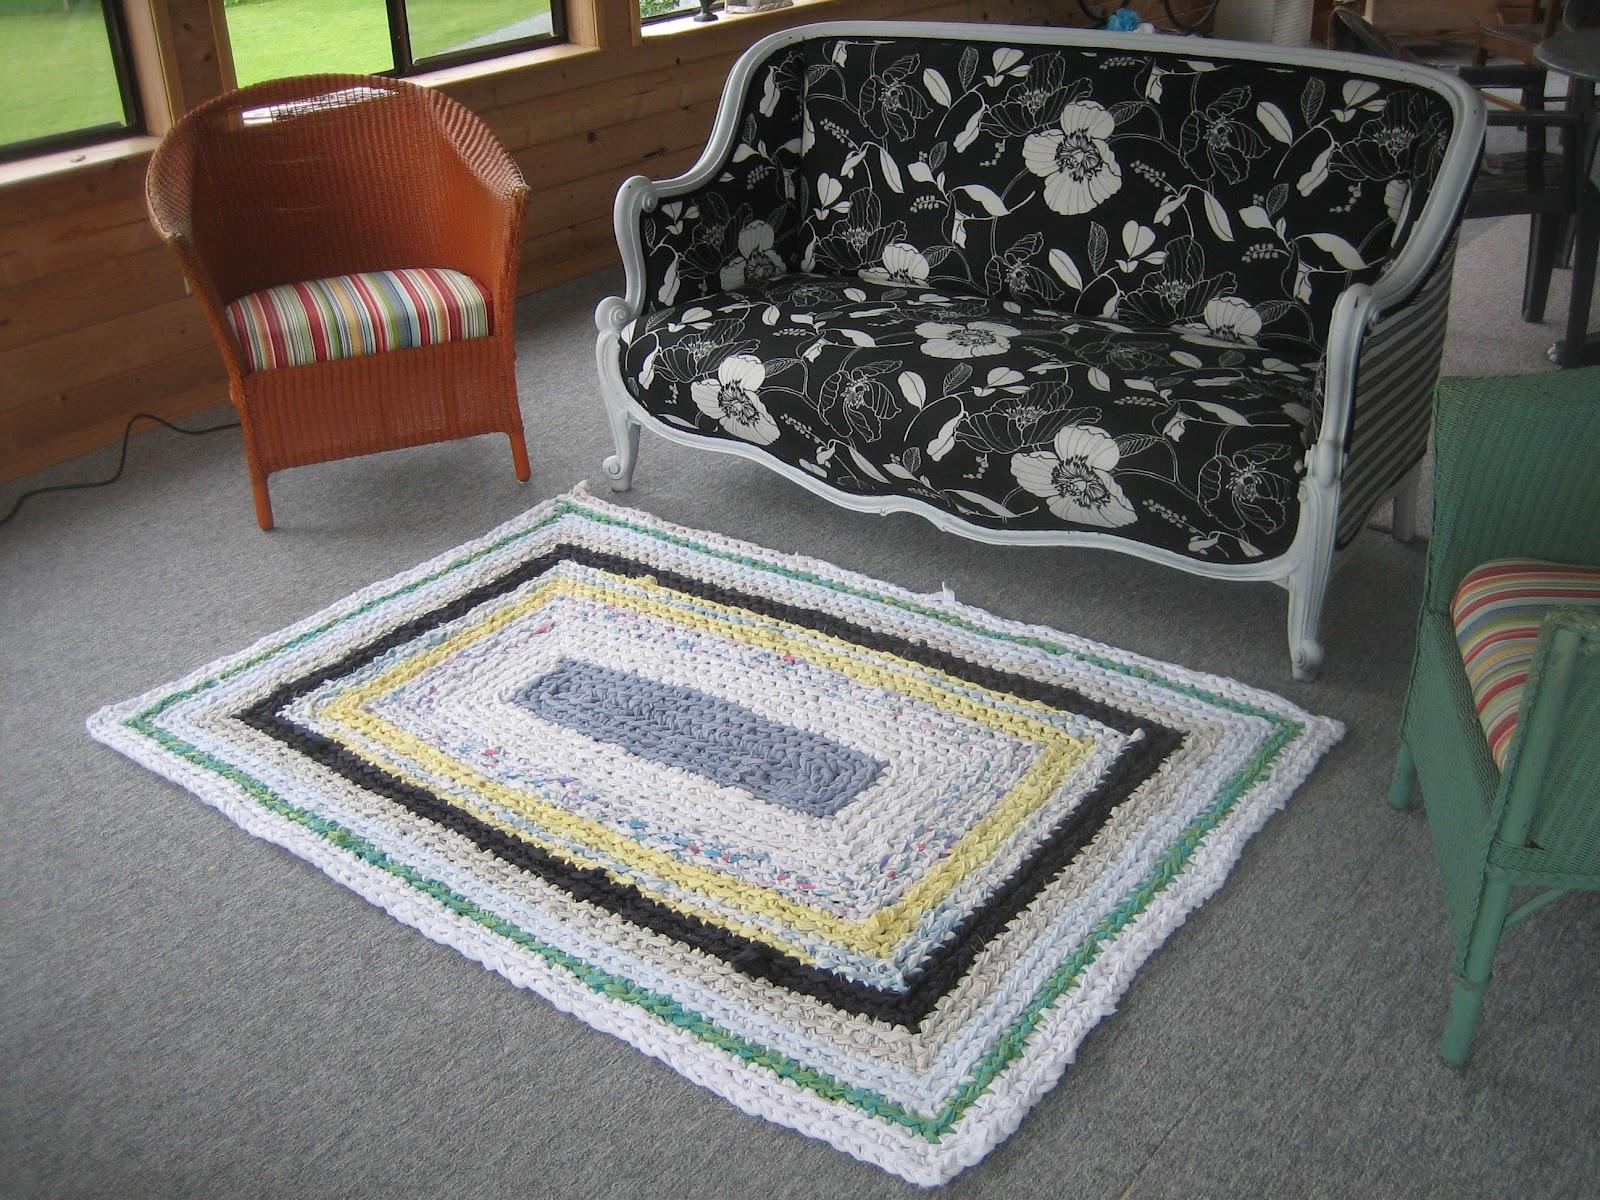 Rubber mats at menards - Pinterest Ing Very Pinterest Ing Crocheted Rug Rubber Mat Wall Art